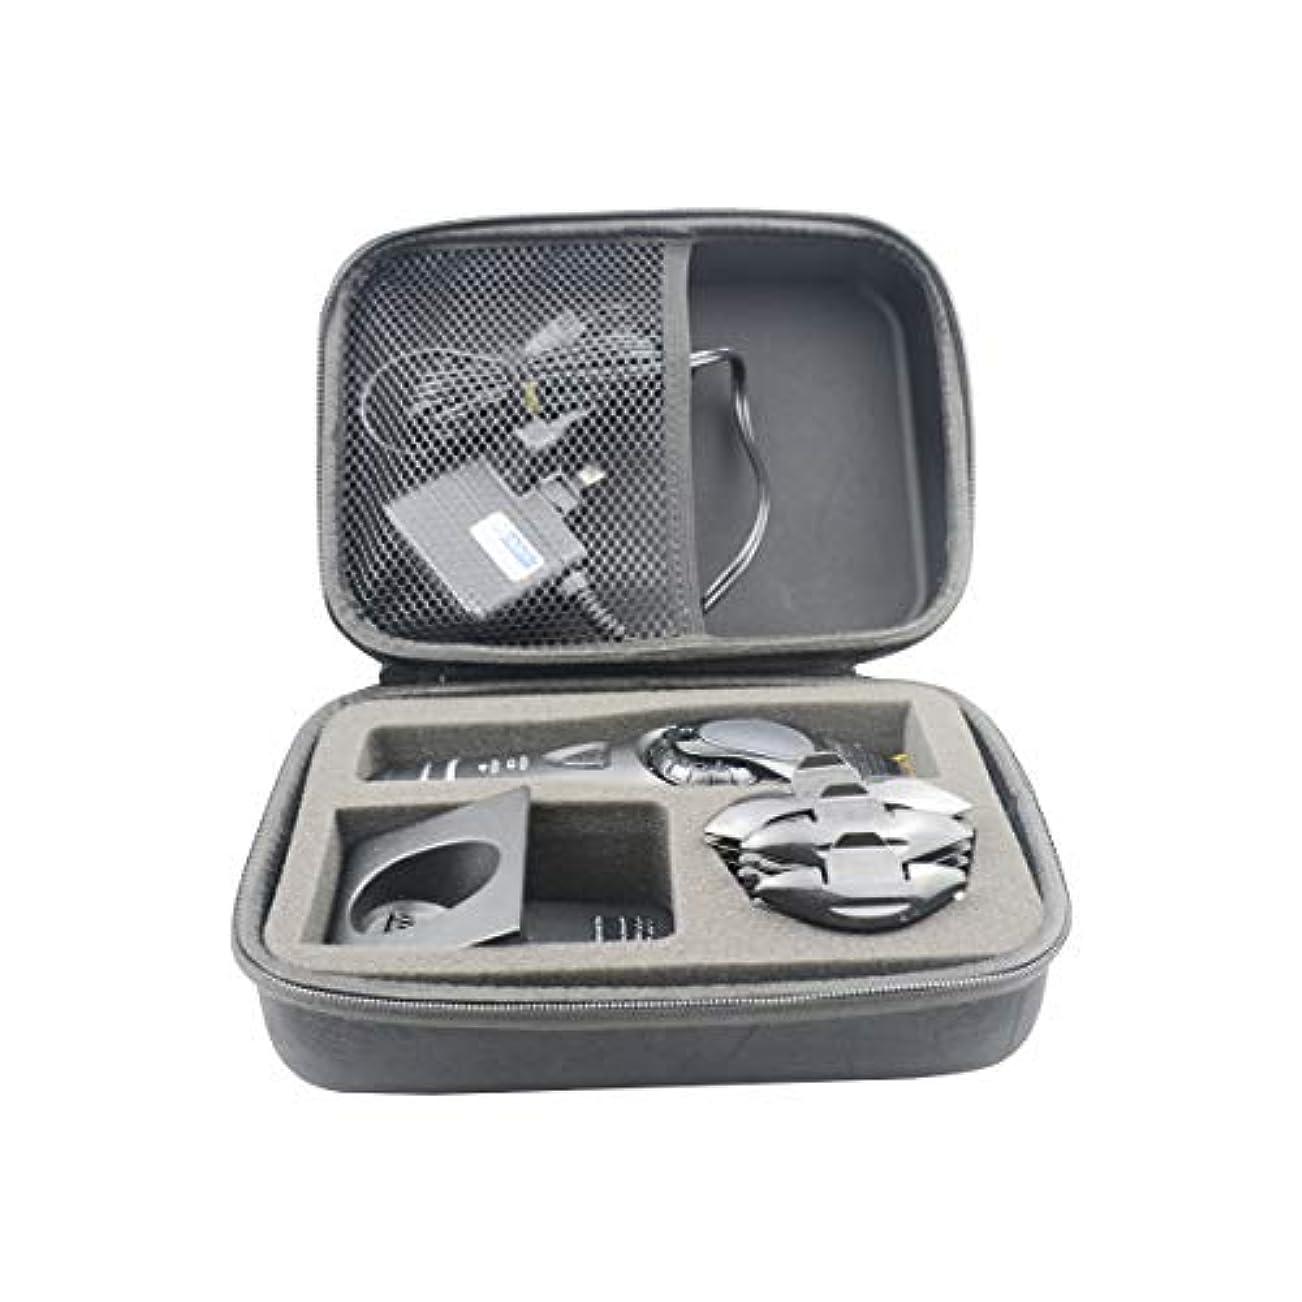 アルカトラズ島キャンドル手段SANVSENパナソニックER-GP80 Kプロフェッショナルヘアクリッパーハードスーツケース